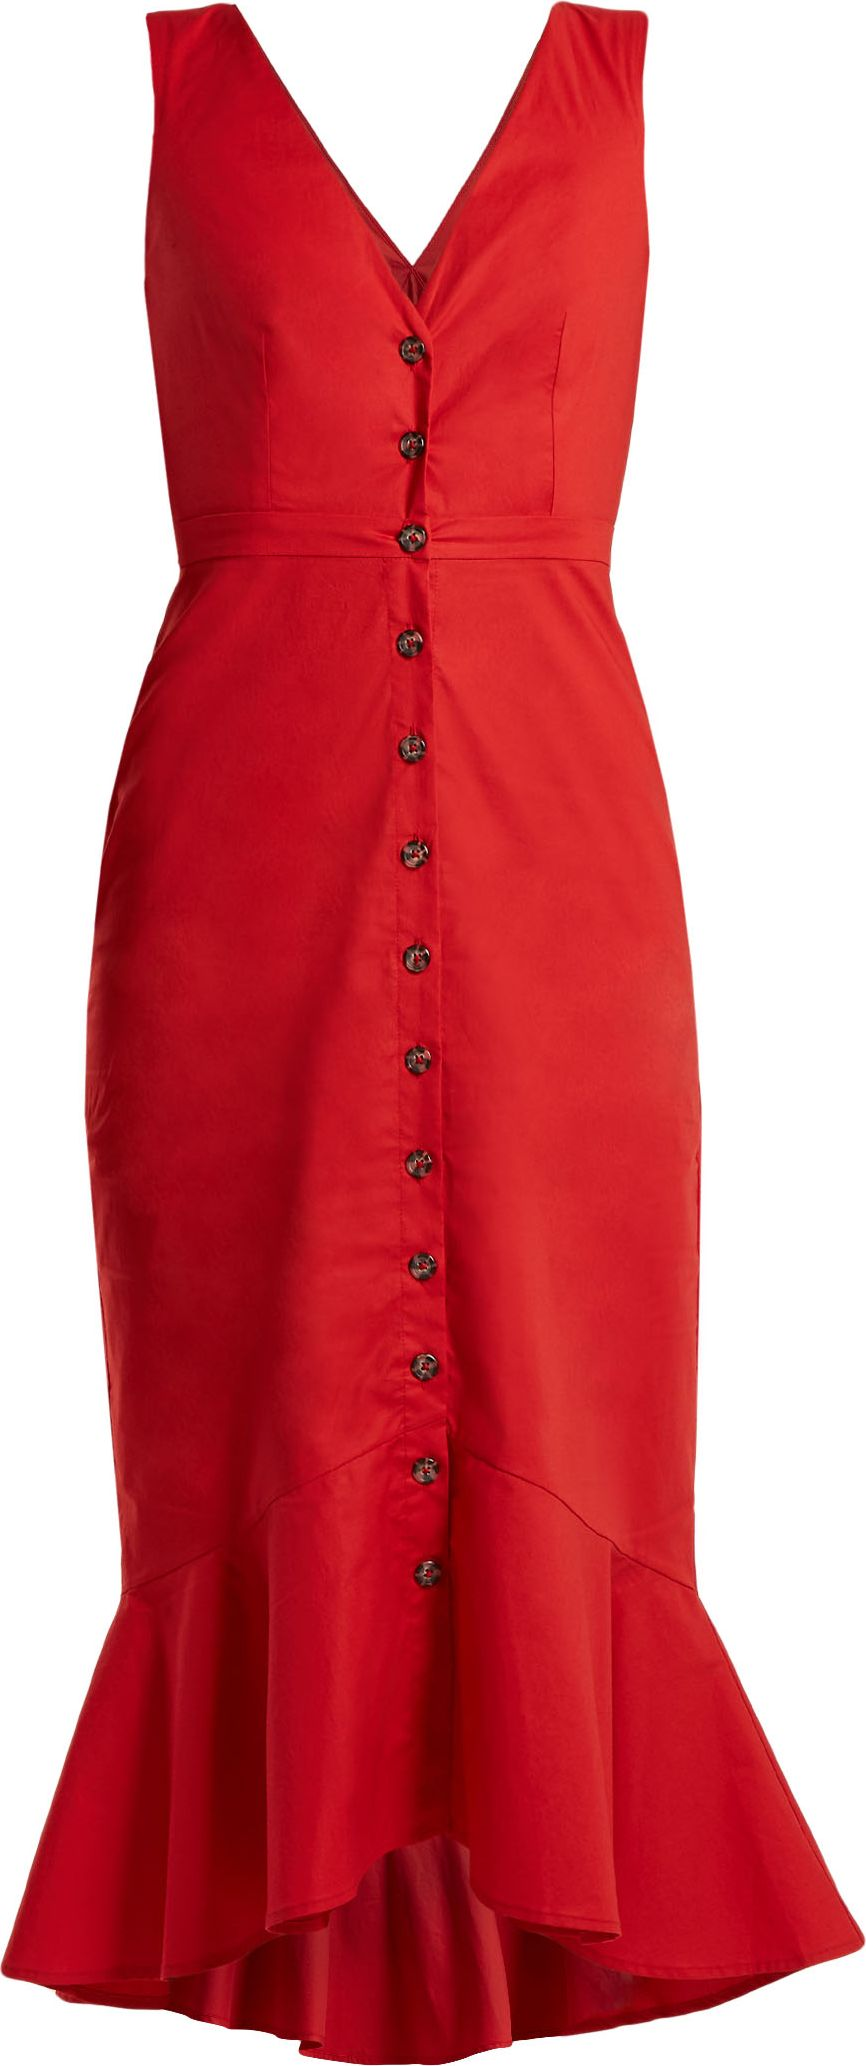 Saloni - Zoey stretch-cotton dress